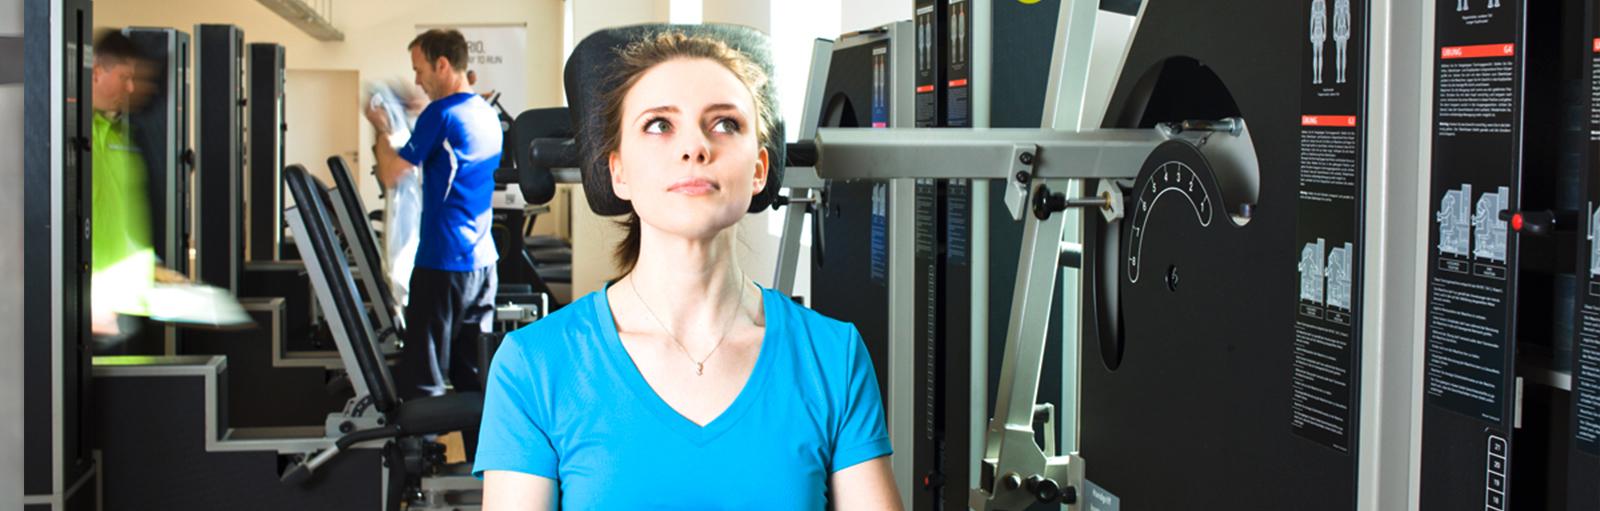 Bei Schulter-und Nackenschmerzen hilft unsere G 5 MedX Trainingsmaschine